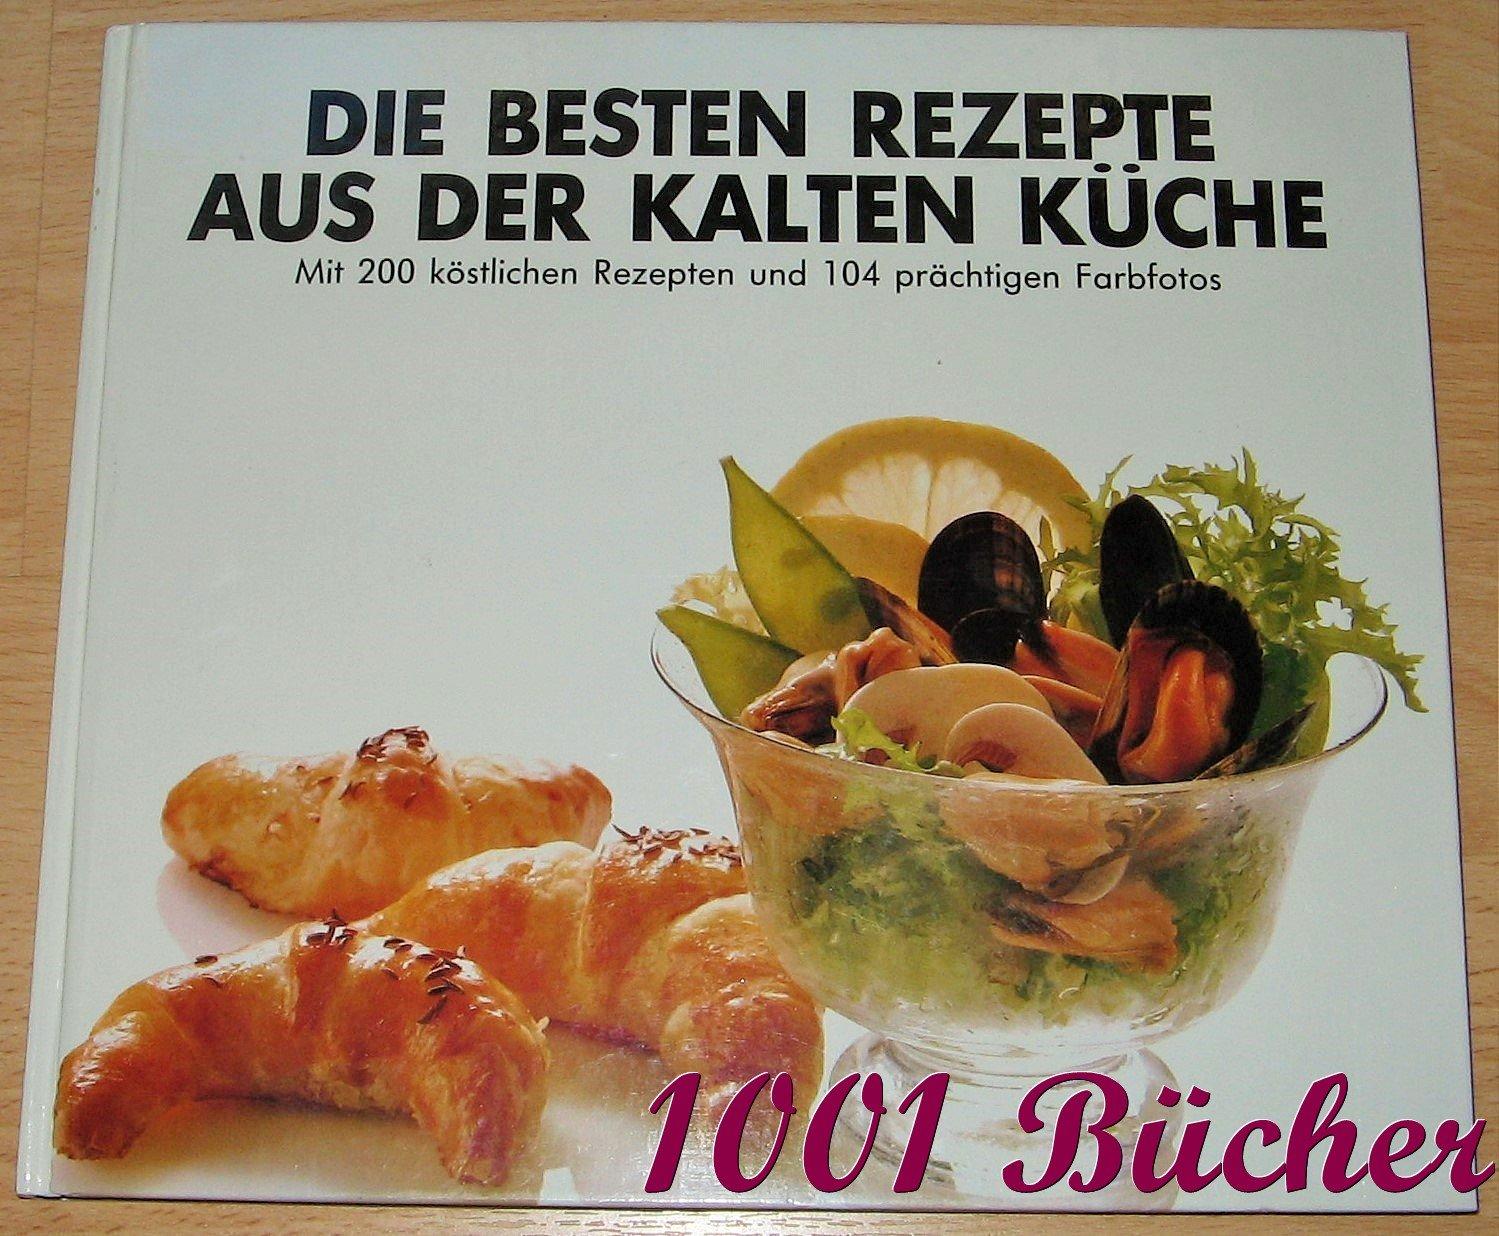 Die besten Rezepte aus der Kalten Küche - mit 200 köstlichen Rezepten und  104 prächtigen Farbfotos -- Der praktische Ratgeber für Alltag und Feste